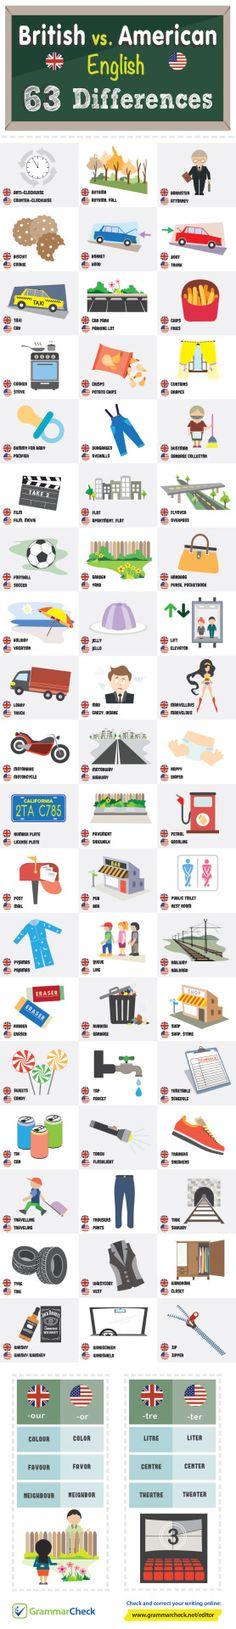 British vs American English - 63 differences #learnenglish